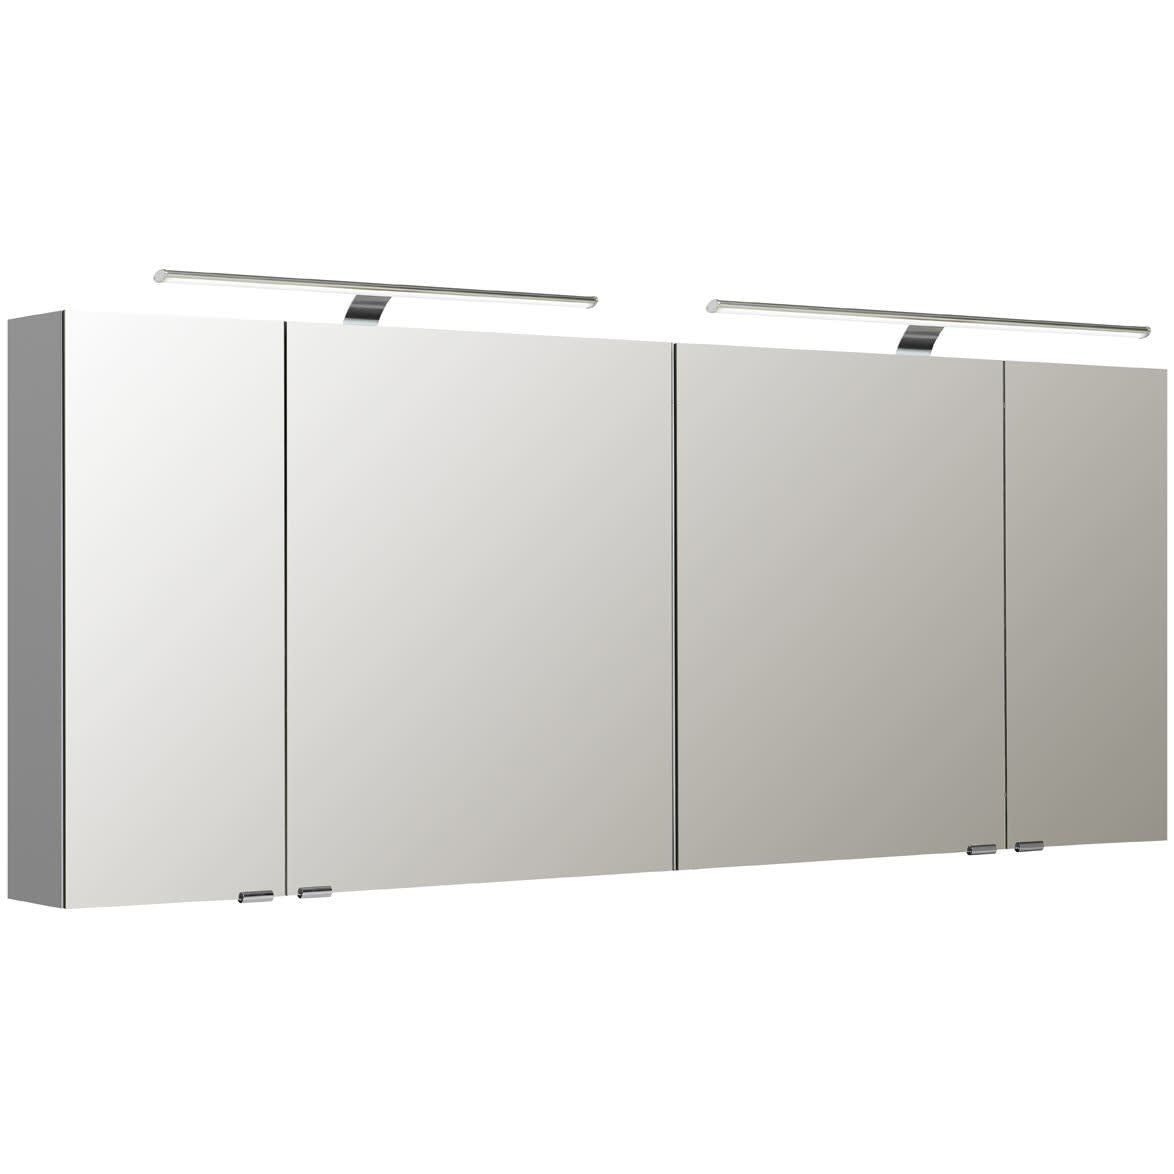 Pelipal S5 Spiegelschrank 180 x 16 x 70 cm mit 2 LED Aufsatzleuchten ...